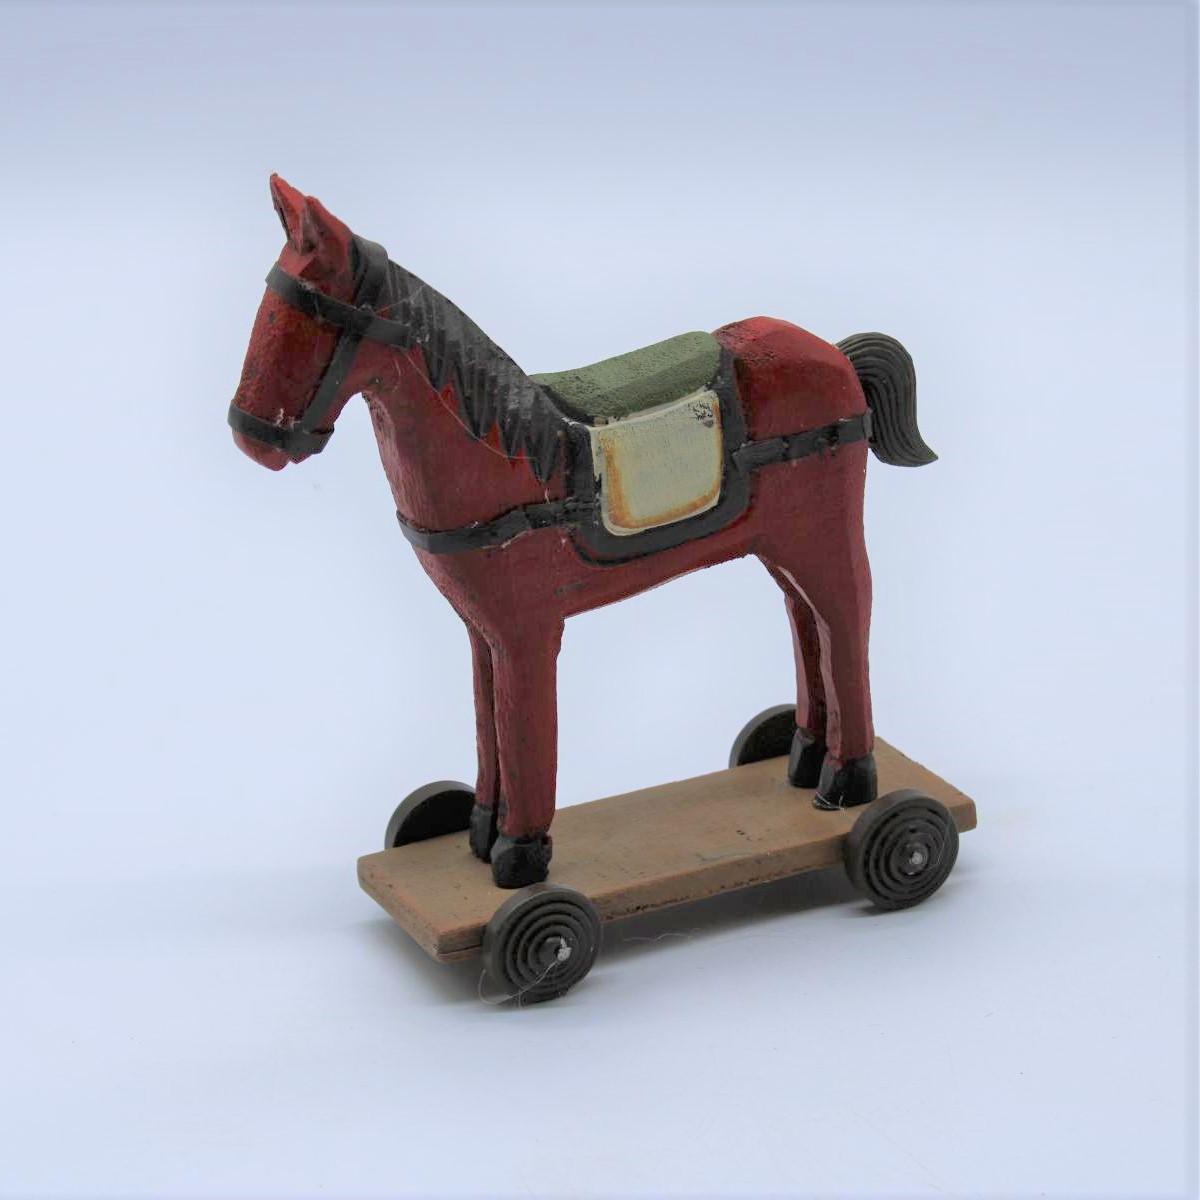 Cavallo in legno su ruote